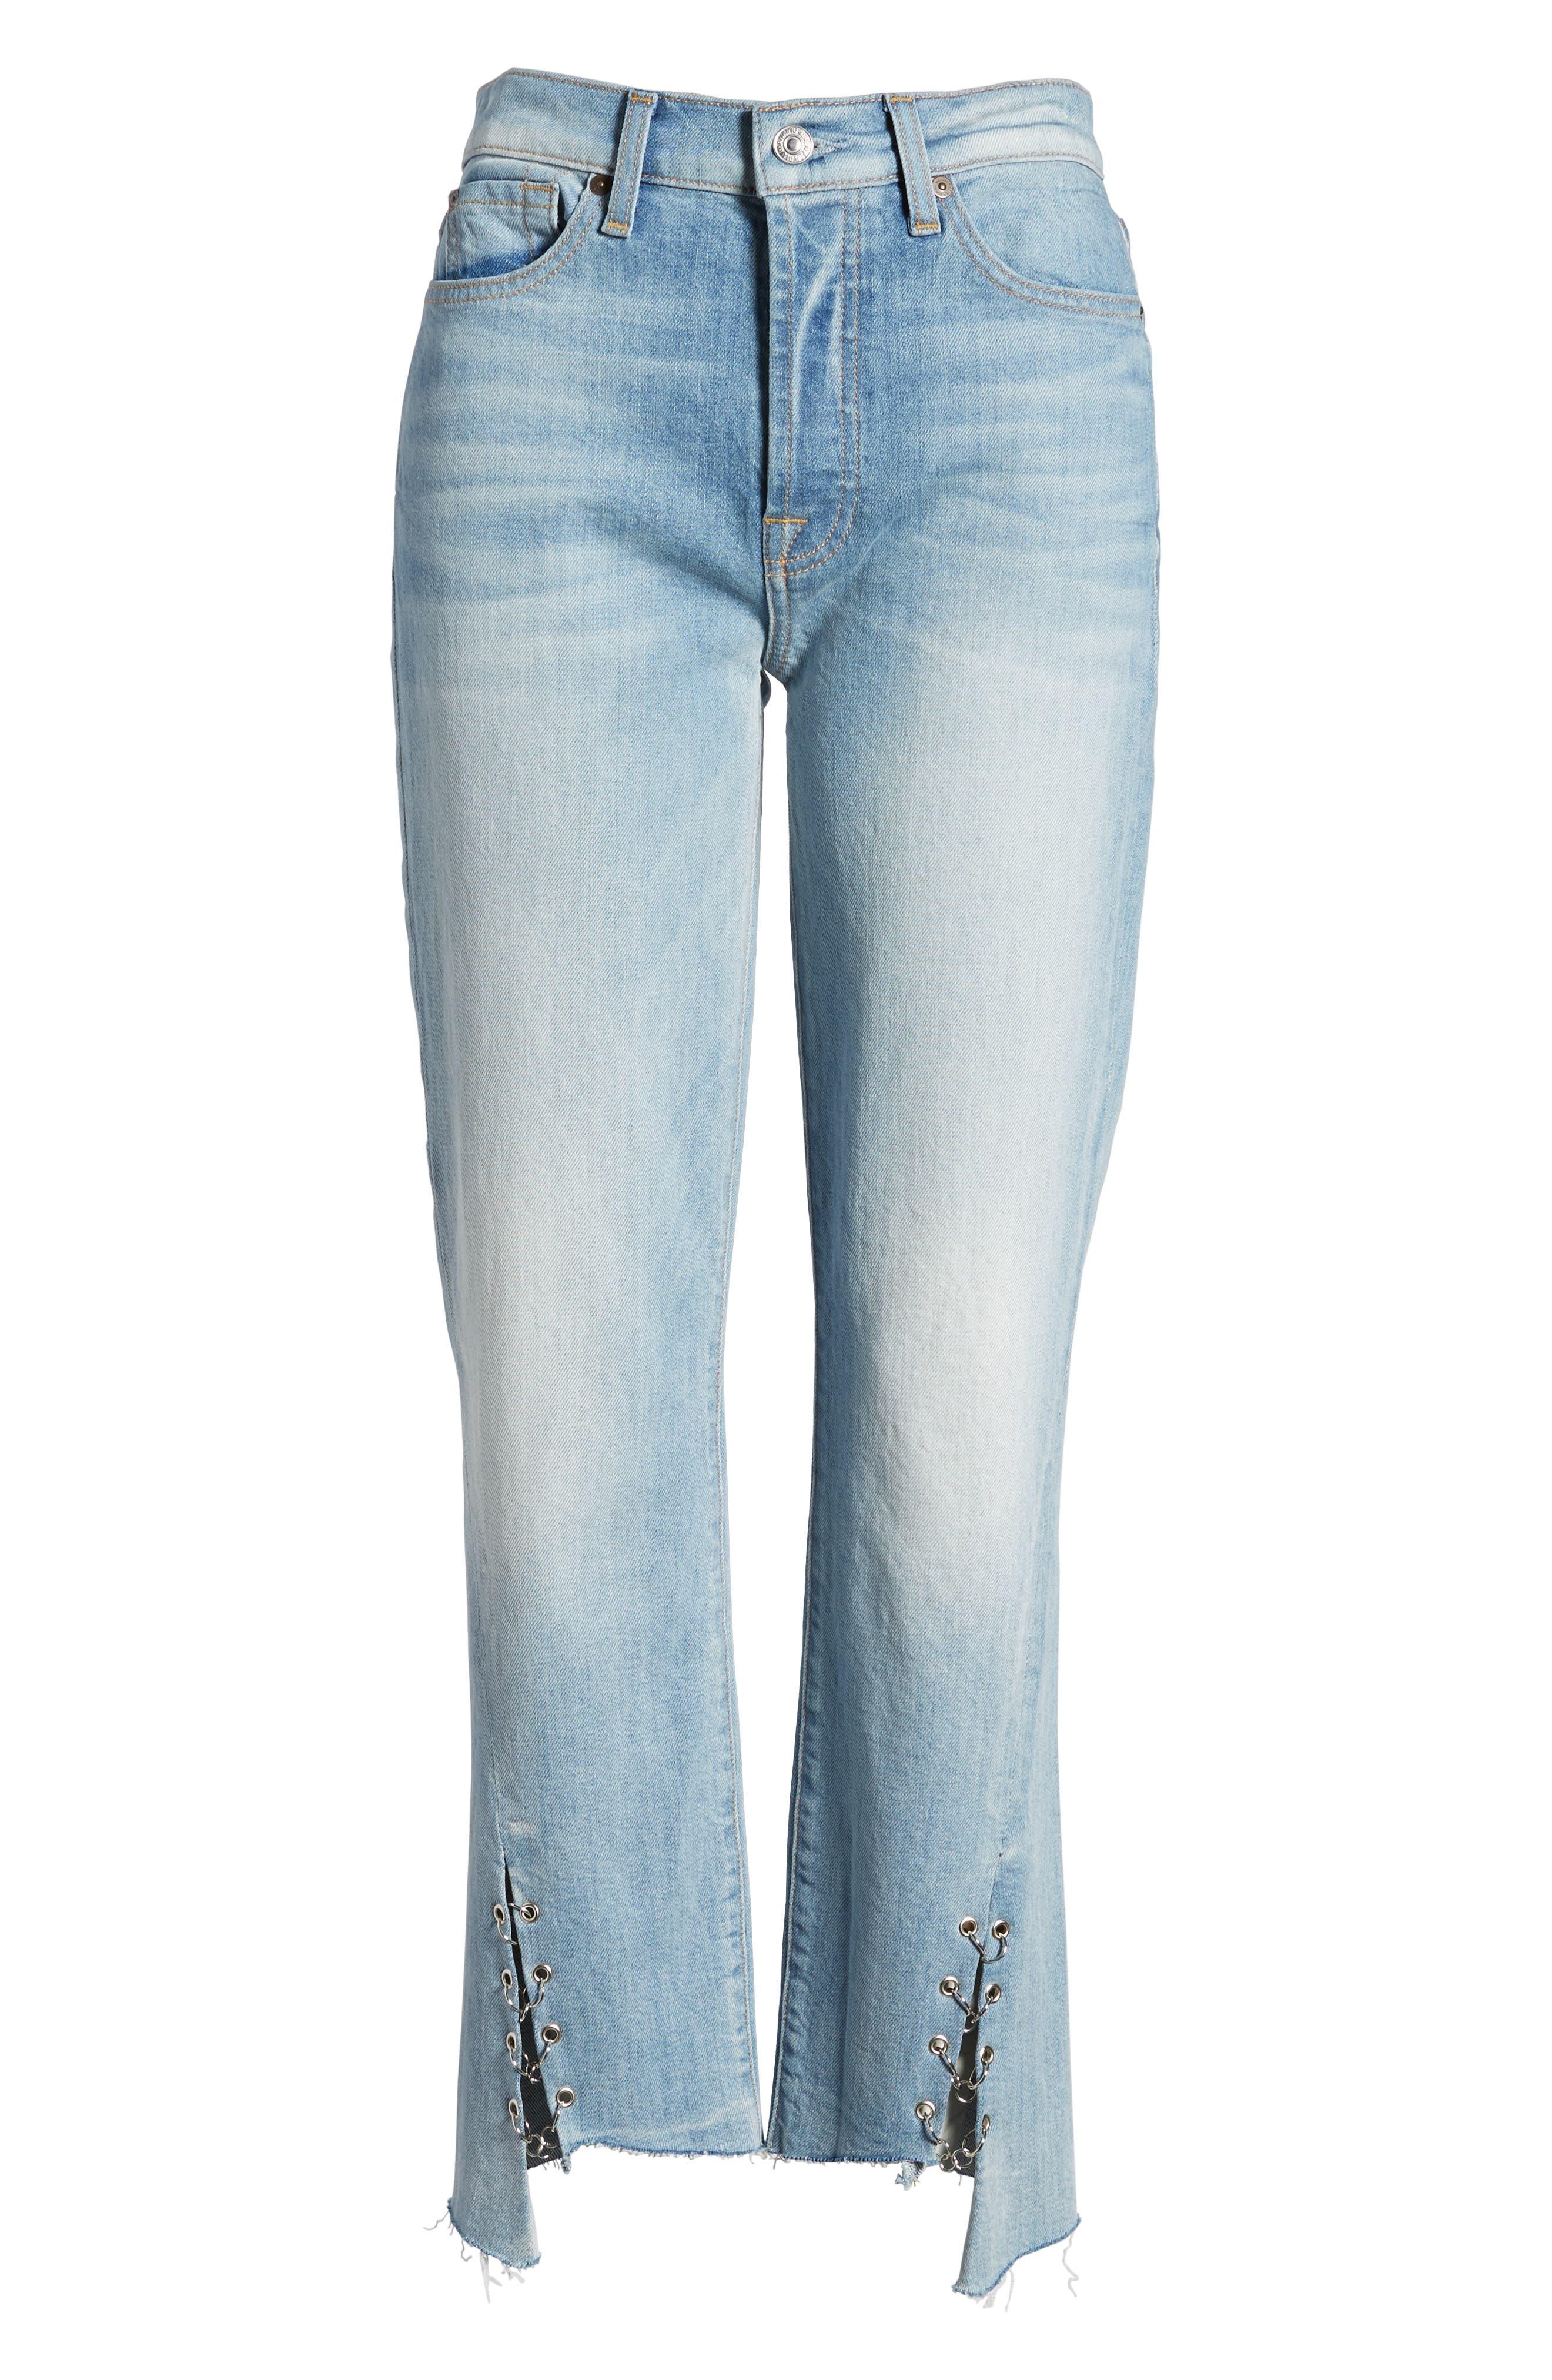 Edie Grommet & Rings Seam Crop Jeans,                             Alternate thumbnail 7, color,                             Light Riviera